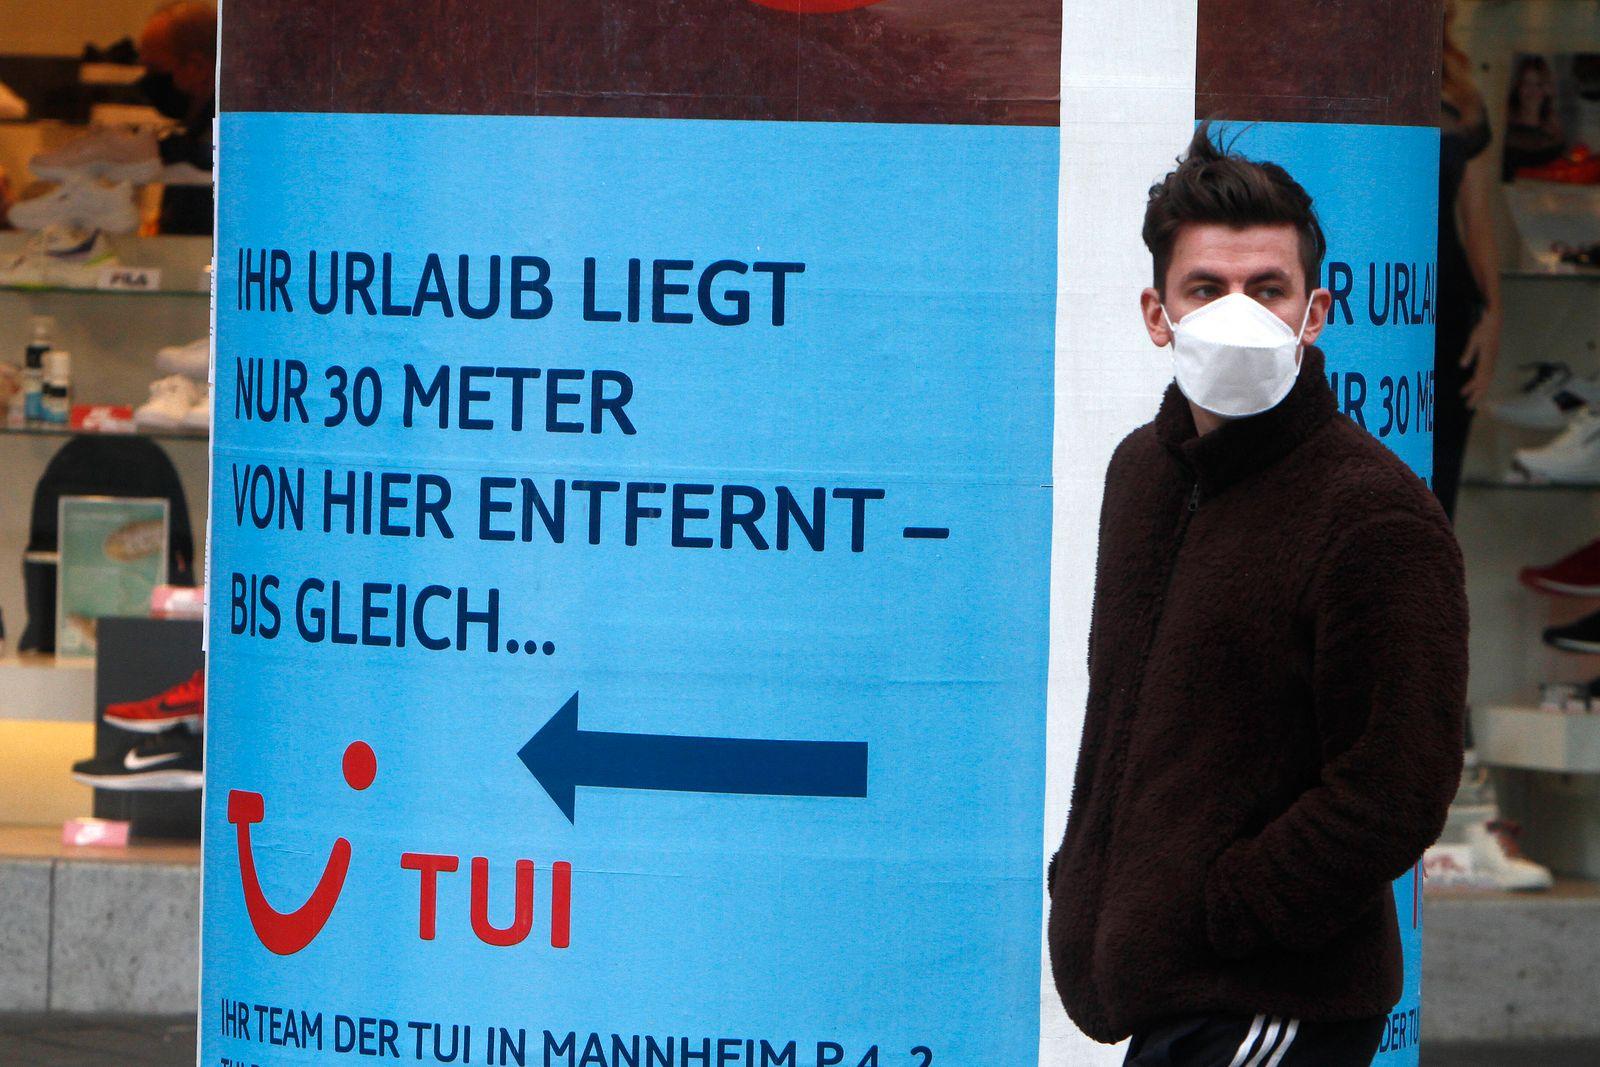 Mann mit Atemschutzmaske passiert ein Werbeplakat mit Aufschrift Ihr Urlaub liegt nur 30 Meter von hier entfernt - bis g